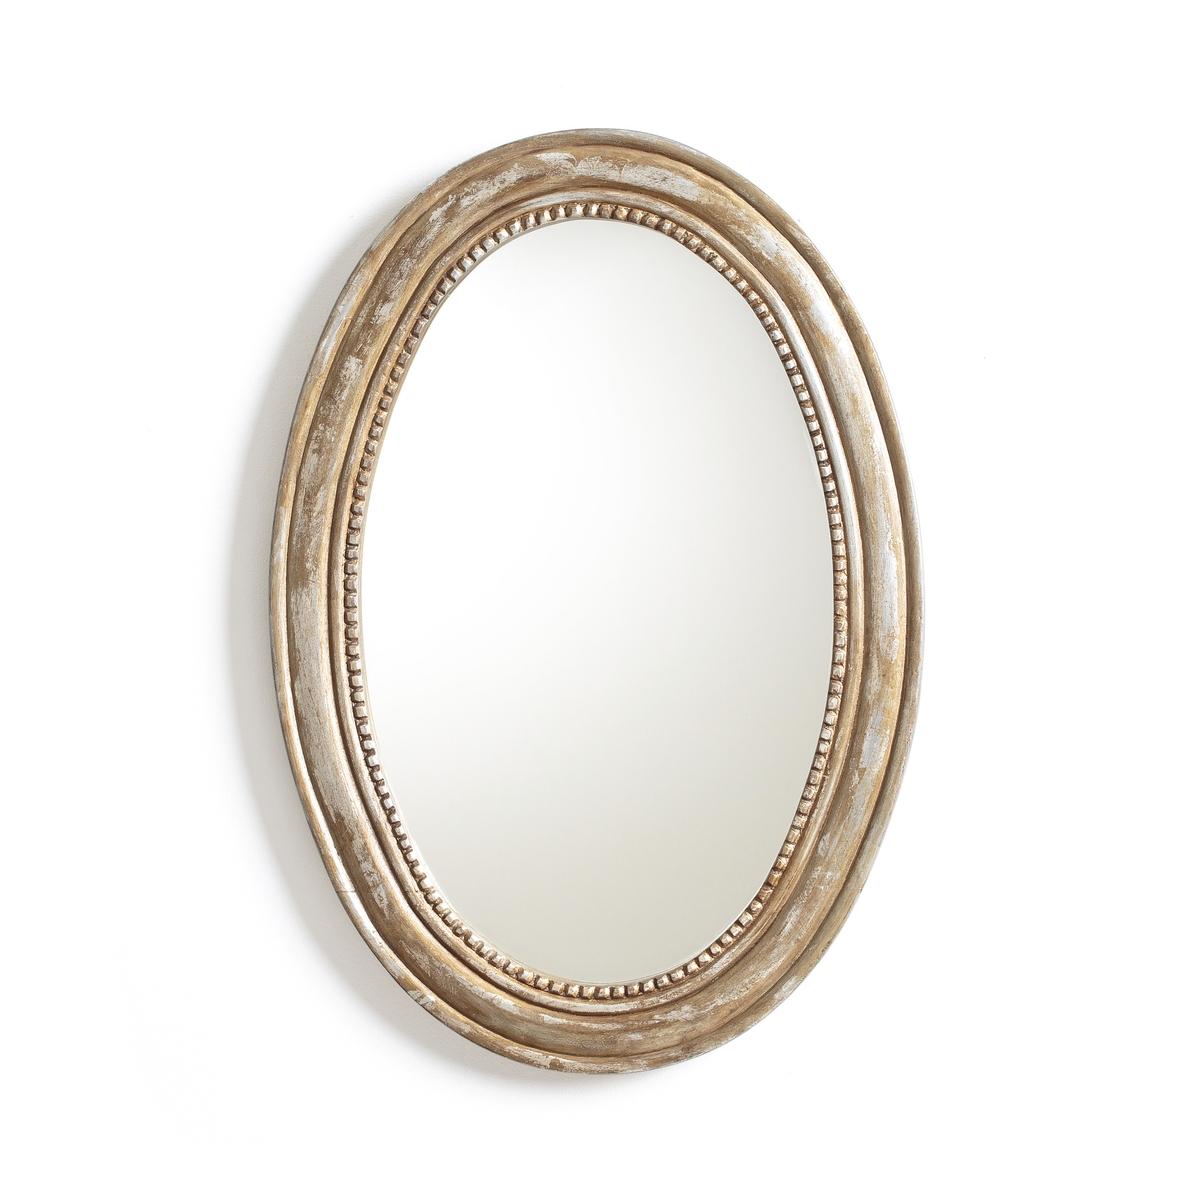 Зеркало овальное из массива мангового дерева, AFSANЗеркало, Afsan. Добавьте элегантную нотку в ваш интерьер благодаря этому стильному зеркалу. Его отделка багетом со стразами придаст очаровательный вид вашей гостиной, спальной комнате или прихожей.Характеристики зеркала Afsan :Из массива мангового дерева с отделкой золотистого цвета с эффектом старения.Рама - багет со стразами.2 пластины для фиксации на стене.- Винты и дюбели продаются отдельно.Найдите всю коллекцию зеркал на сайте laredoute.ru.Размеры зеркала Afsan :Ширина : 41,5 смВысота :  59,5 см .Толщина : 2,1 см.<br><br>Цвет: золотистый состаренный